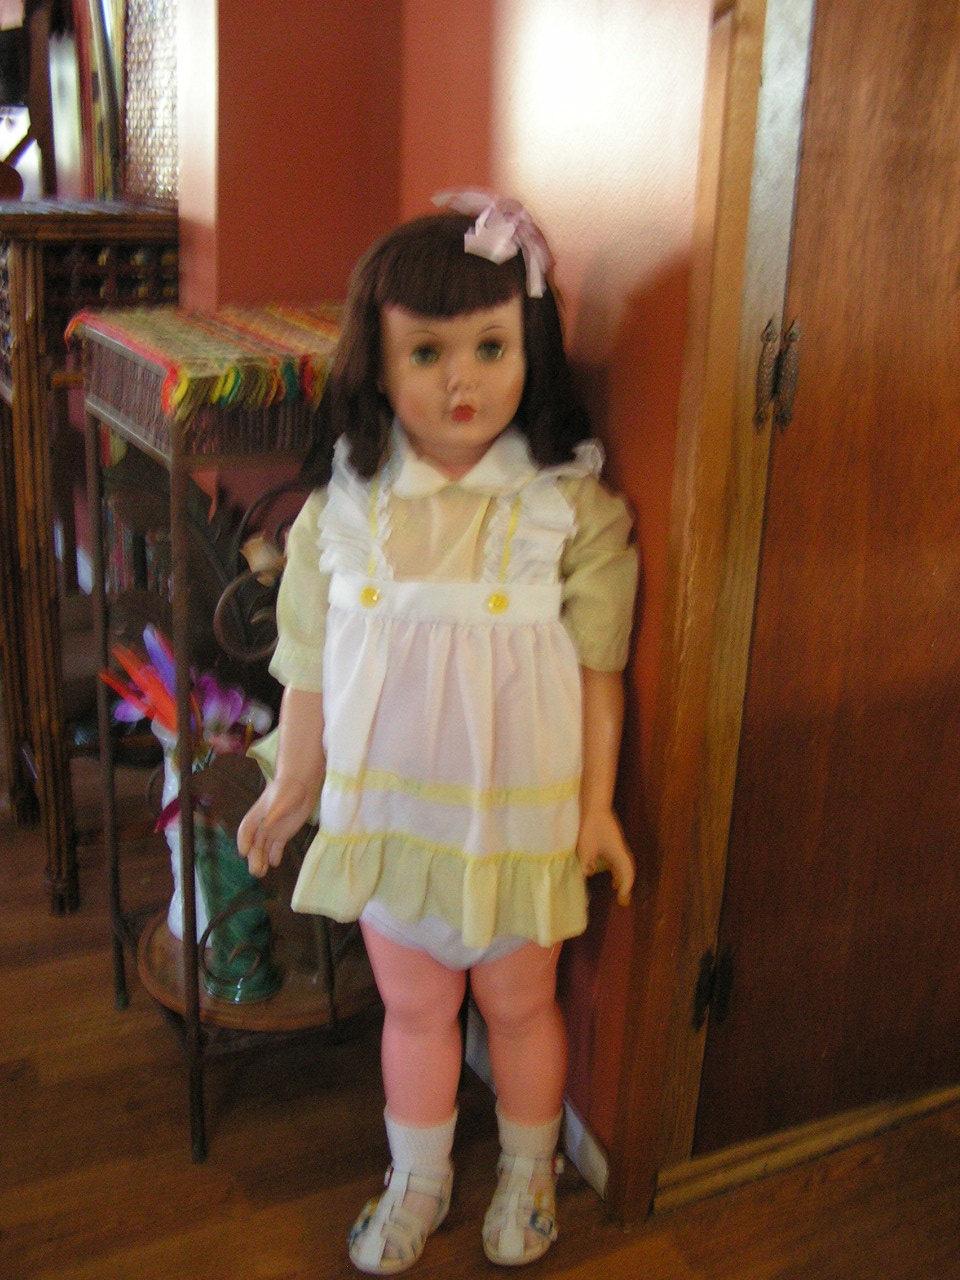 Ae Doll Tall 34 Inch Walking Doll With By Lavintagebymisspj55